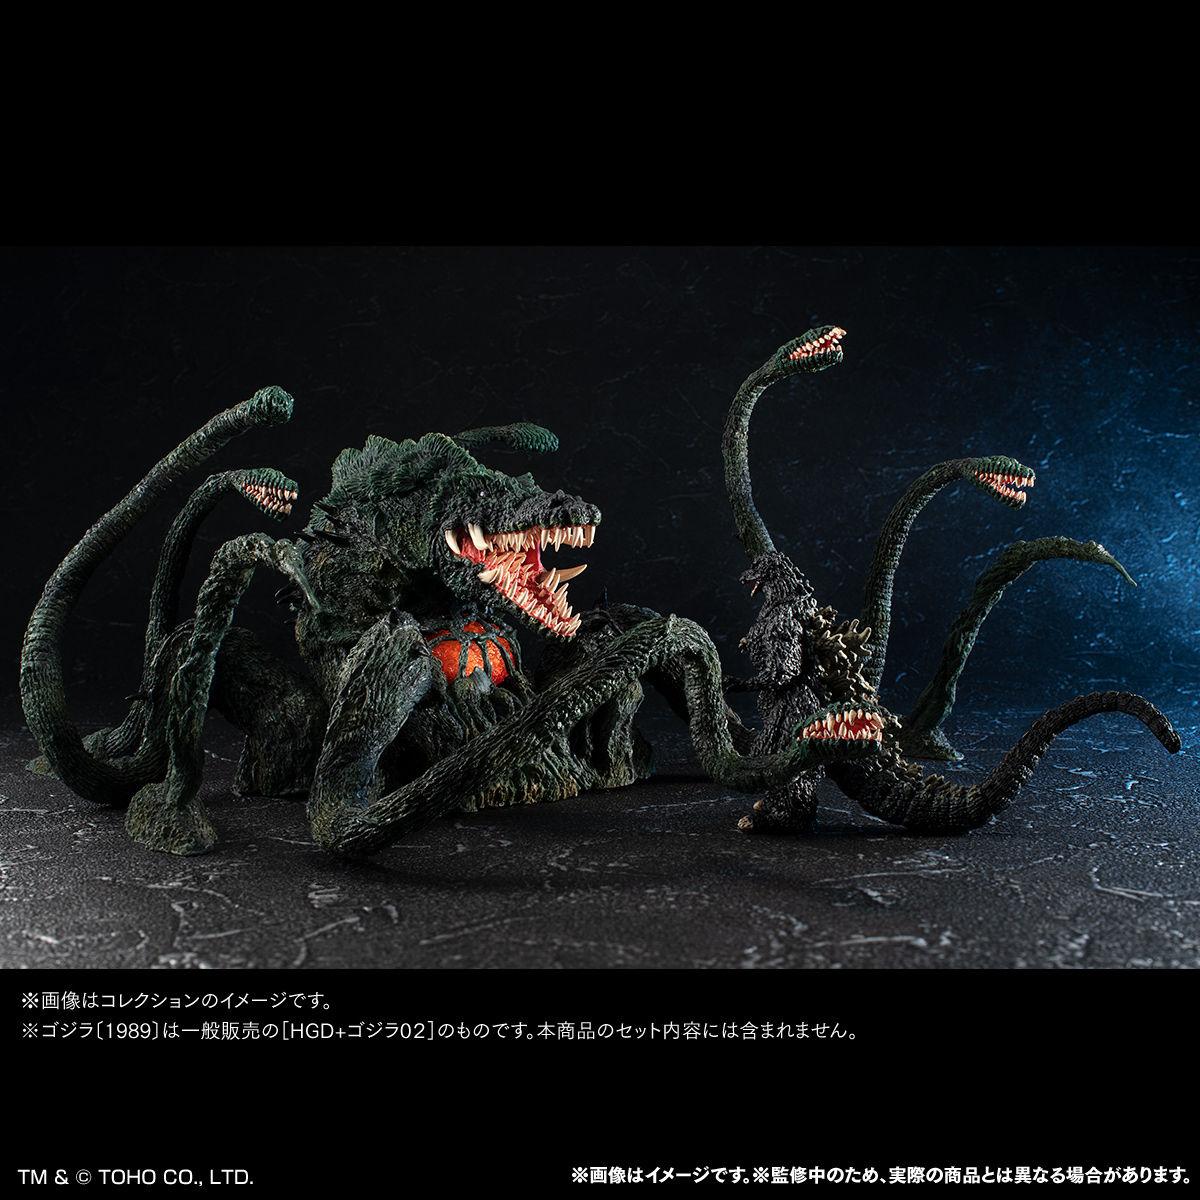 【限定販売】ゴジラvsビオランテ『HG D+EX ビオランテ(植獣形態)』完成品フィギュア-005